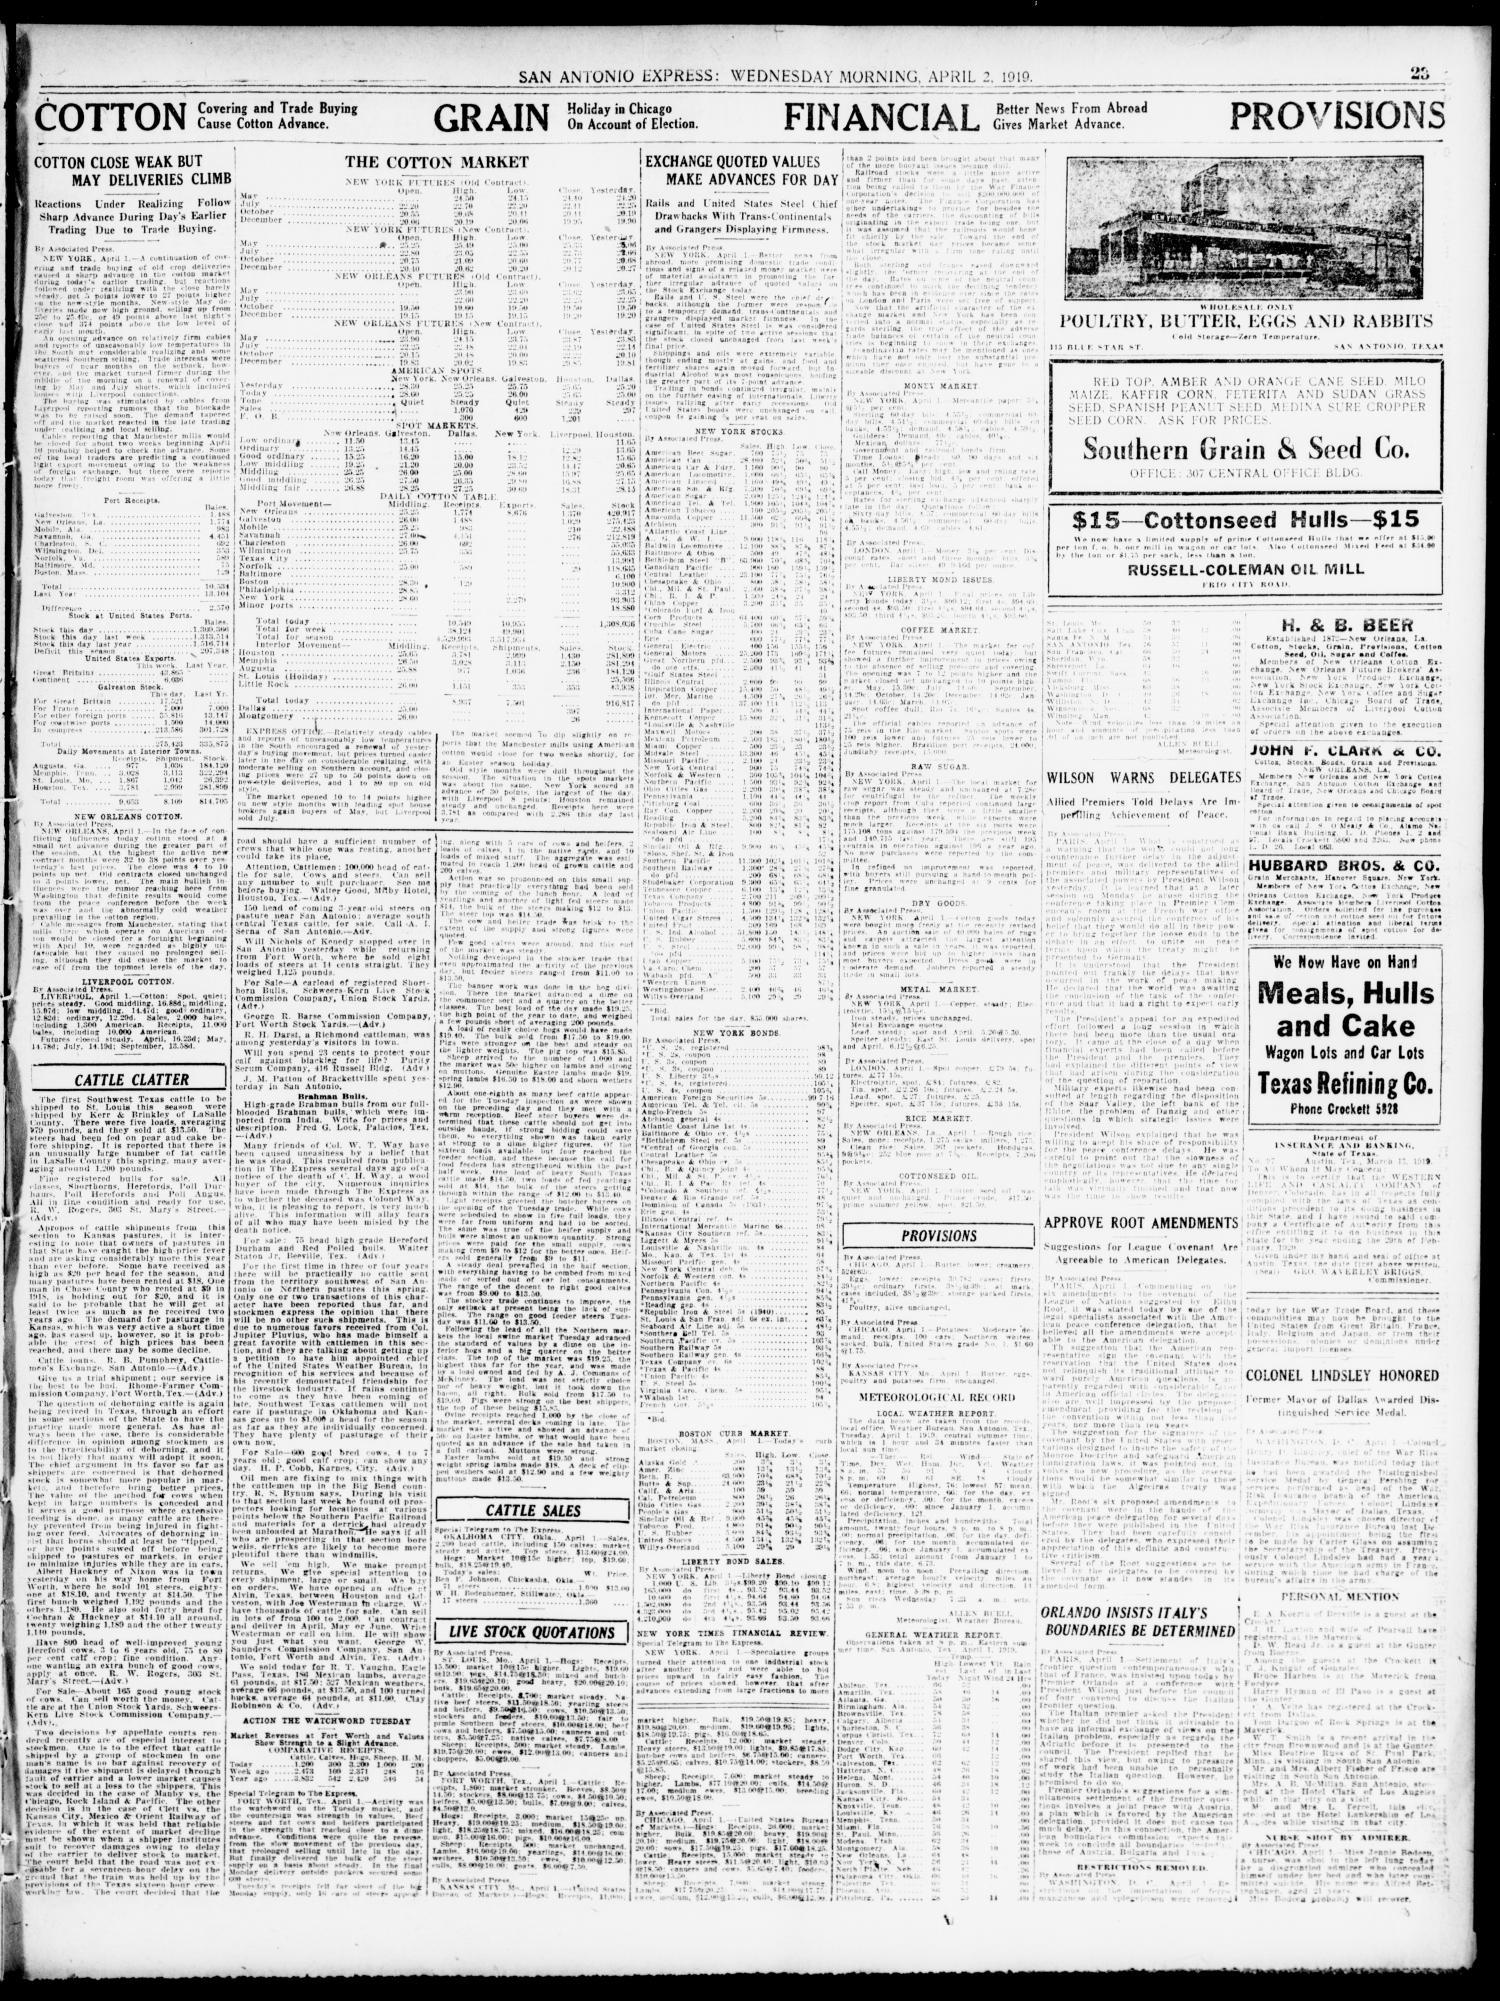 San Antonio Express  (San Antonio, Tex ), Vol  54, No  91